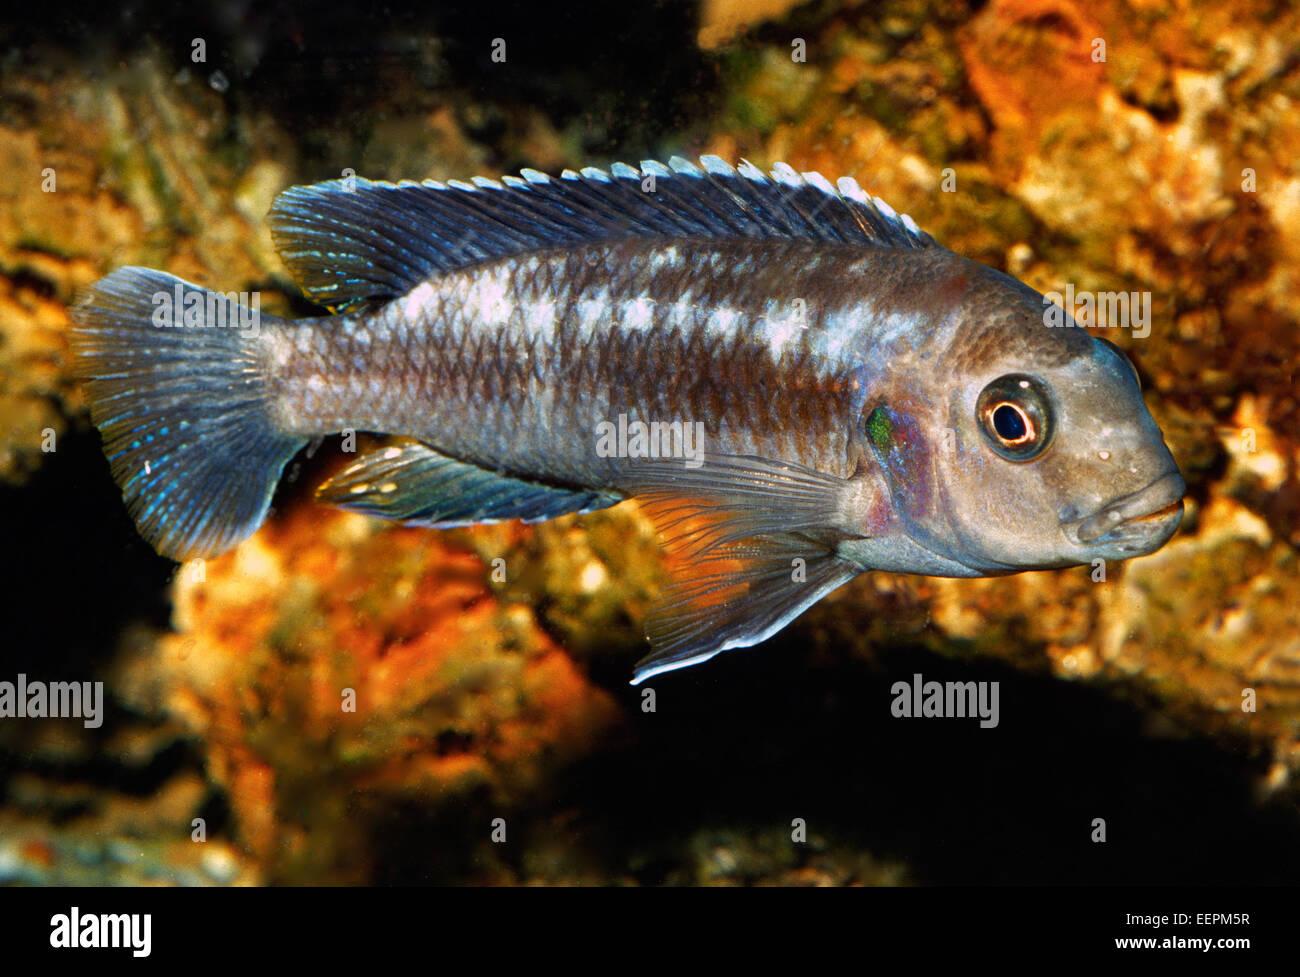 Melanochromis sp., Cichlidae, Malawi Lake, Africa - Stock Image